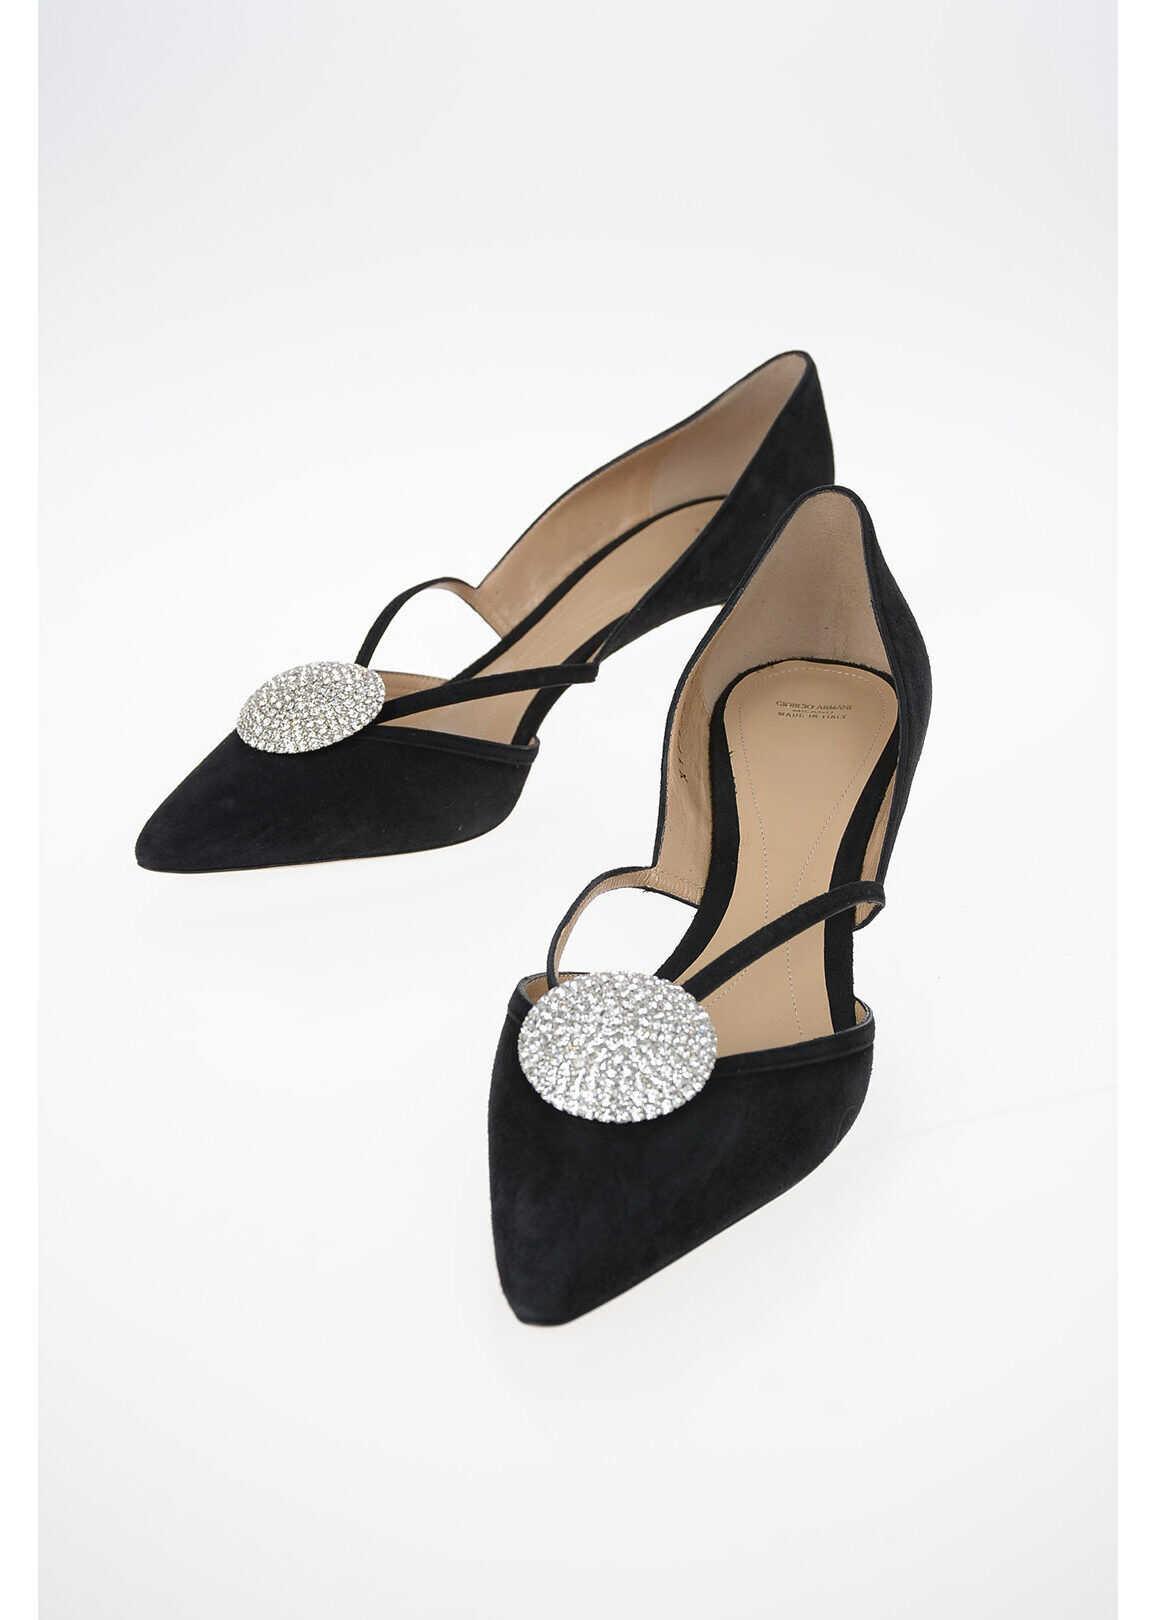 Armani GIORGIO ARMANI 6cm suede Leather D'Orsay Pumps BLACK imagine b-mall.ro